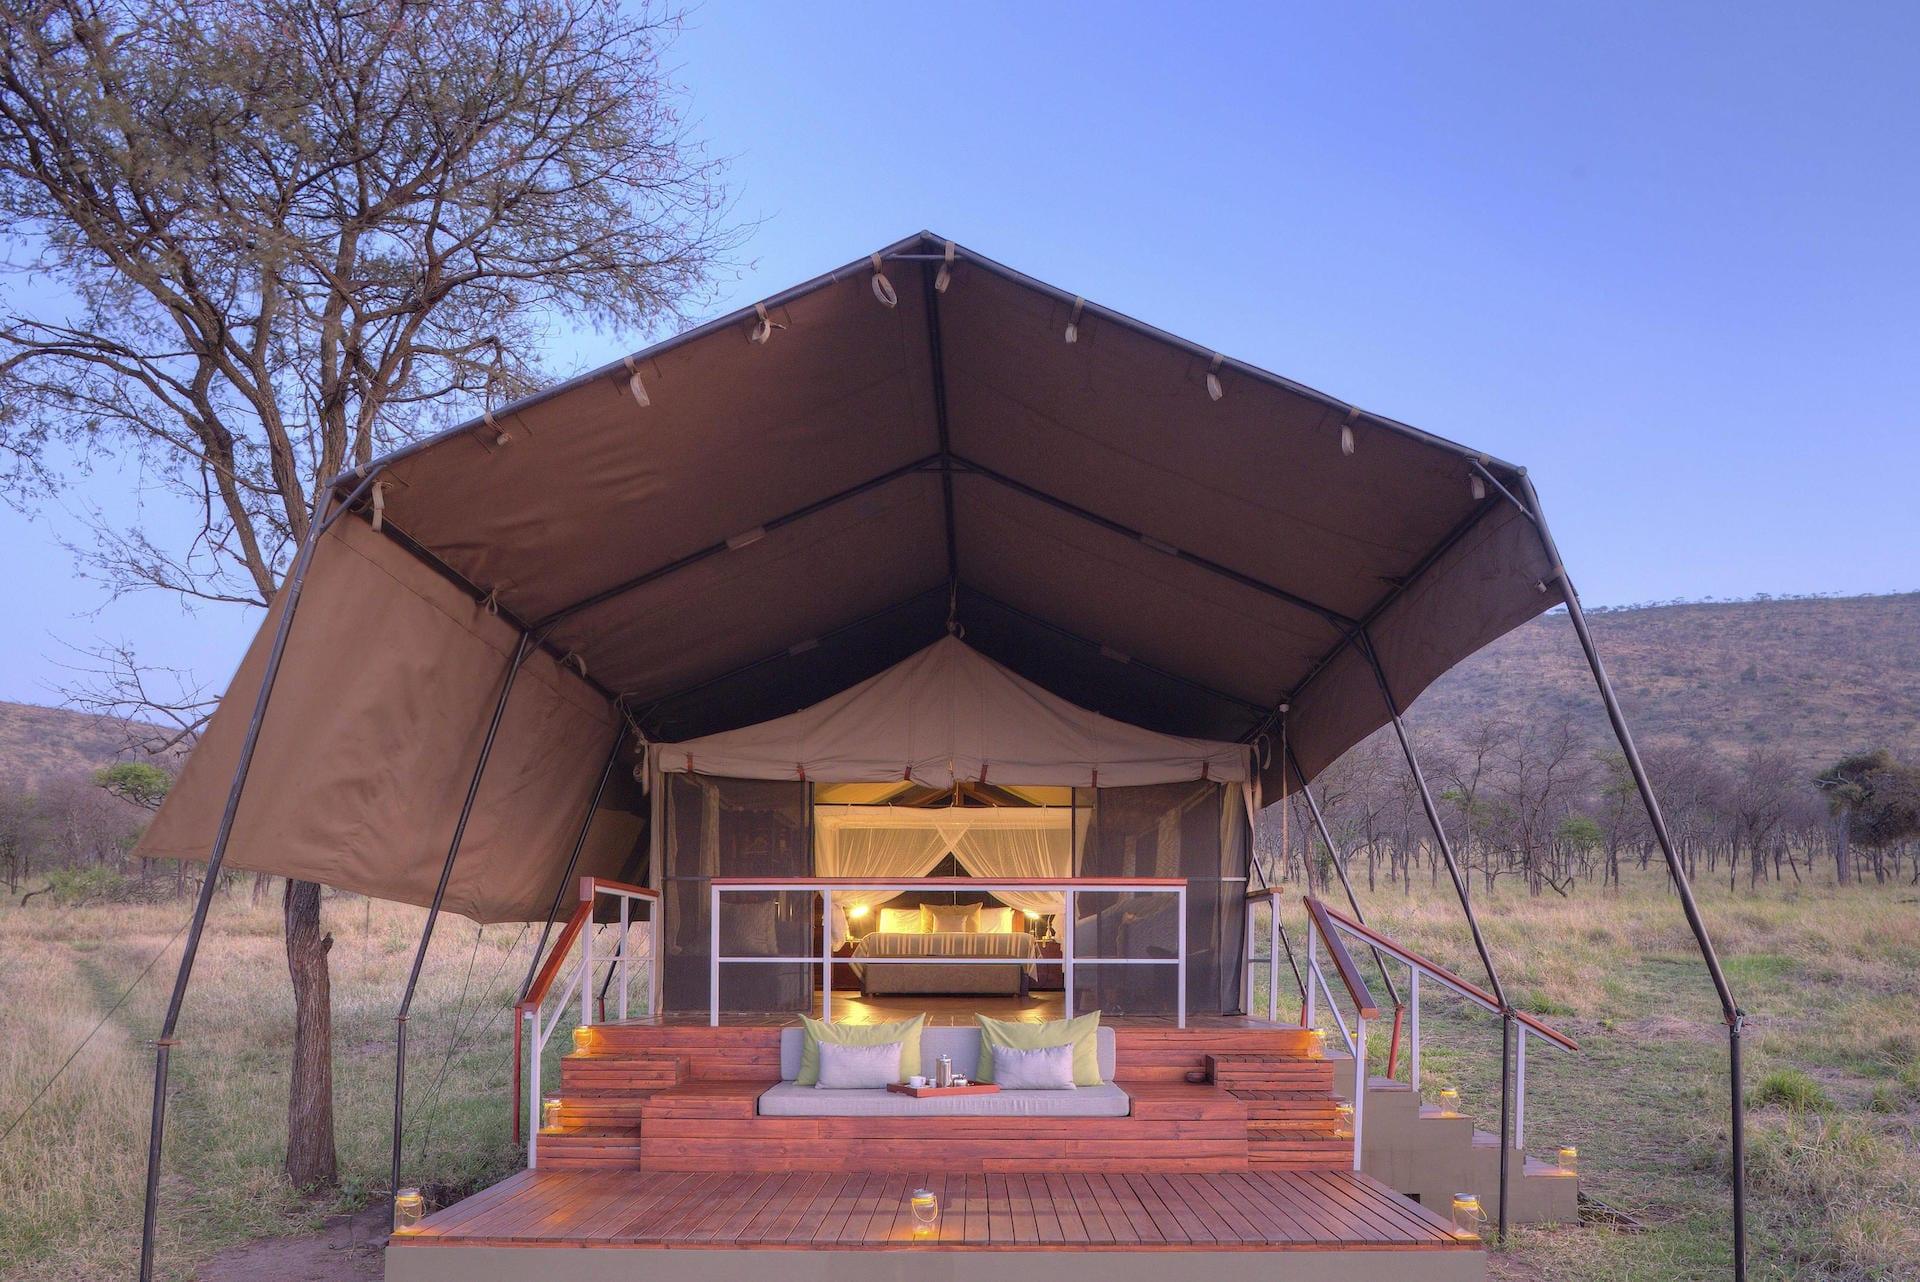 TZ 2 - Dunia Tent exterior